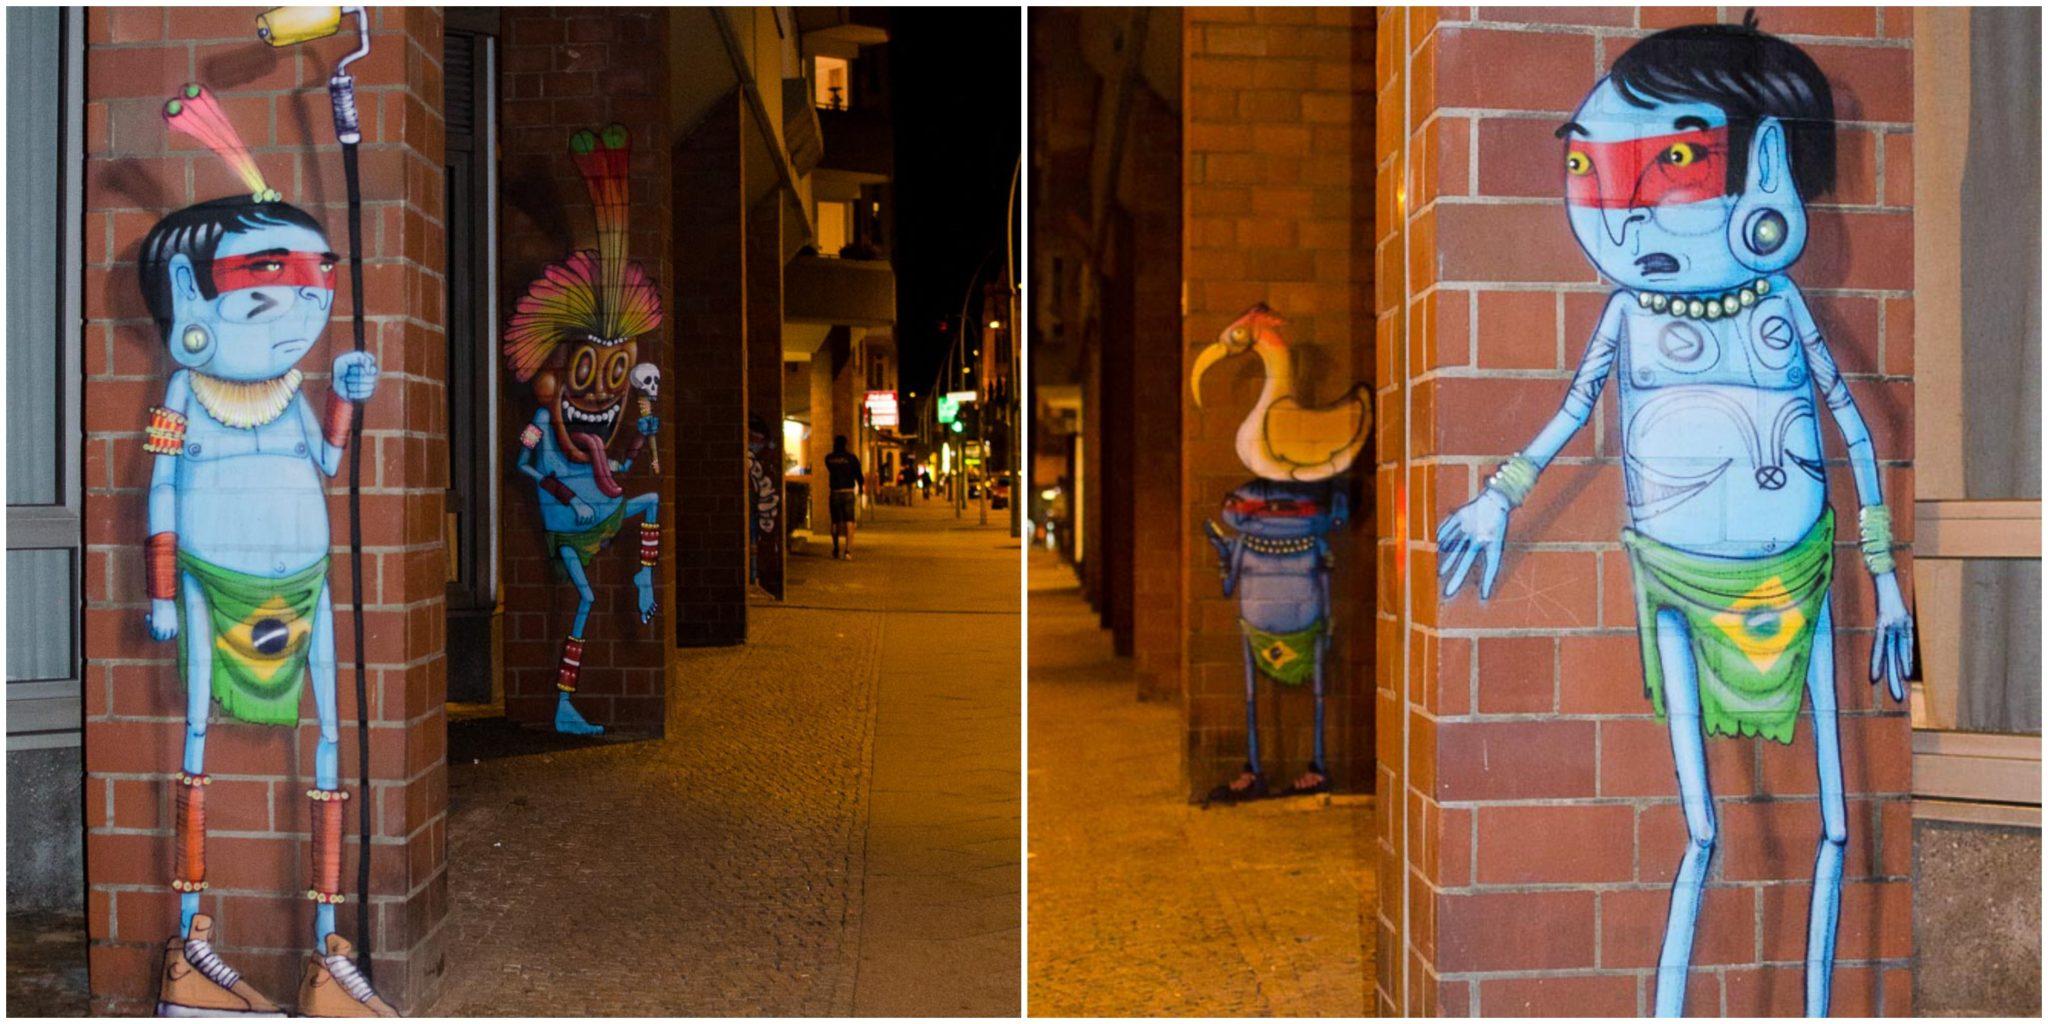 Streetart in Berlin: Blauer Indianer auf rotem Backstein vom Künstler Cranio